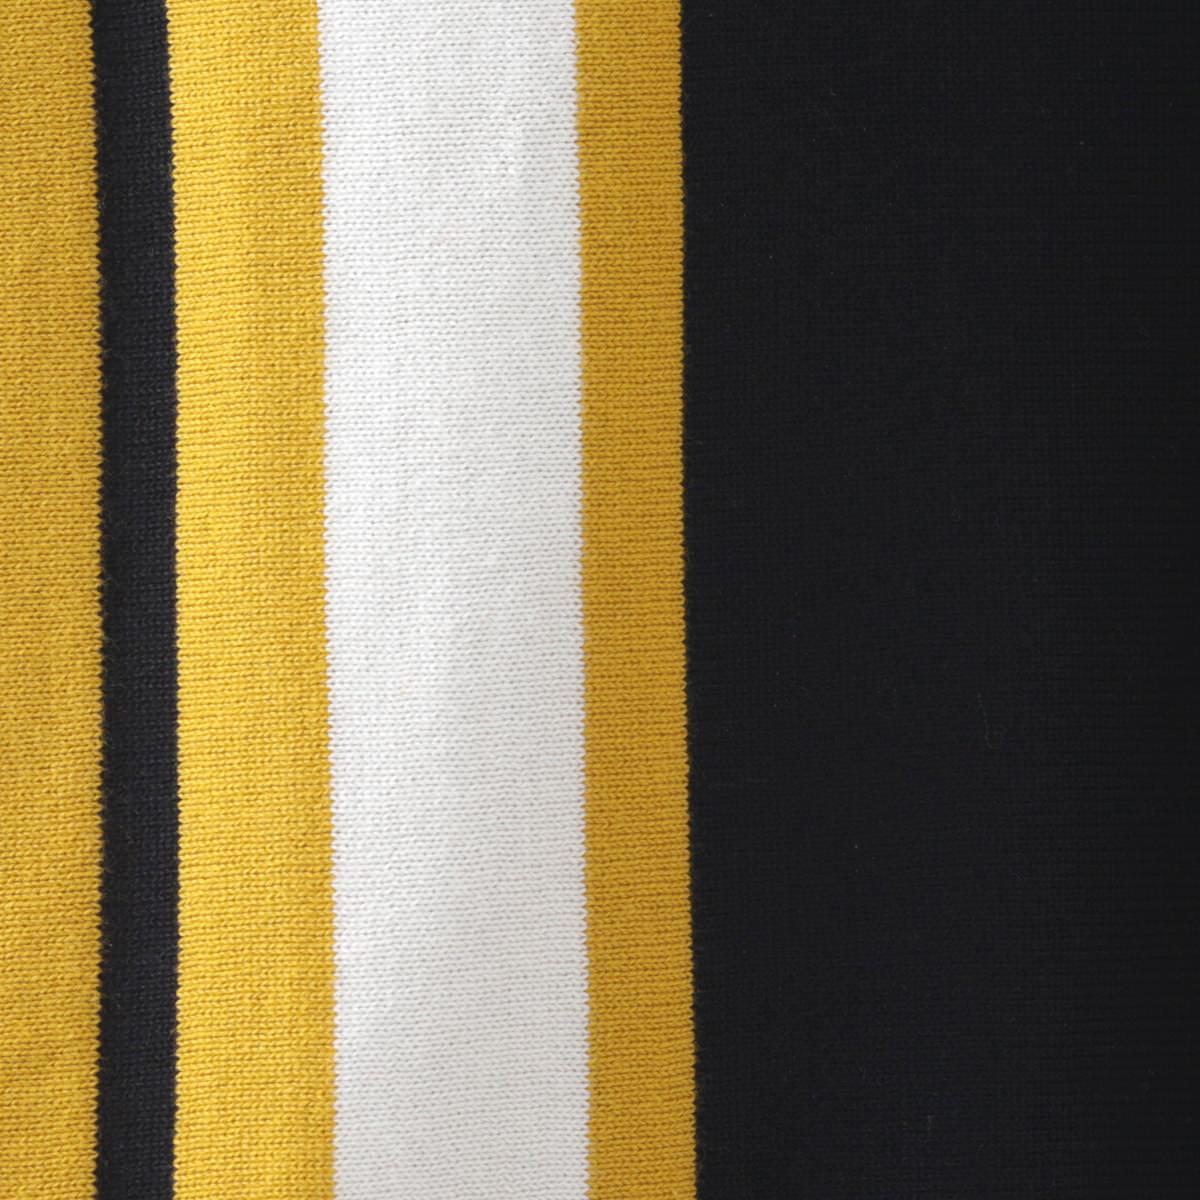 マッドキャップ メンズ ポロシャツ ニット ポロ ストライプ 2色 イエロー ブルー Madcap England